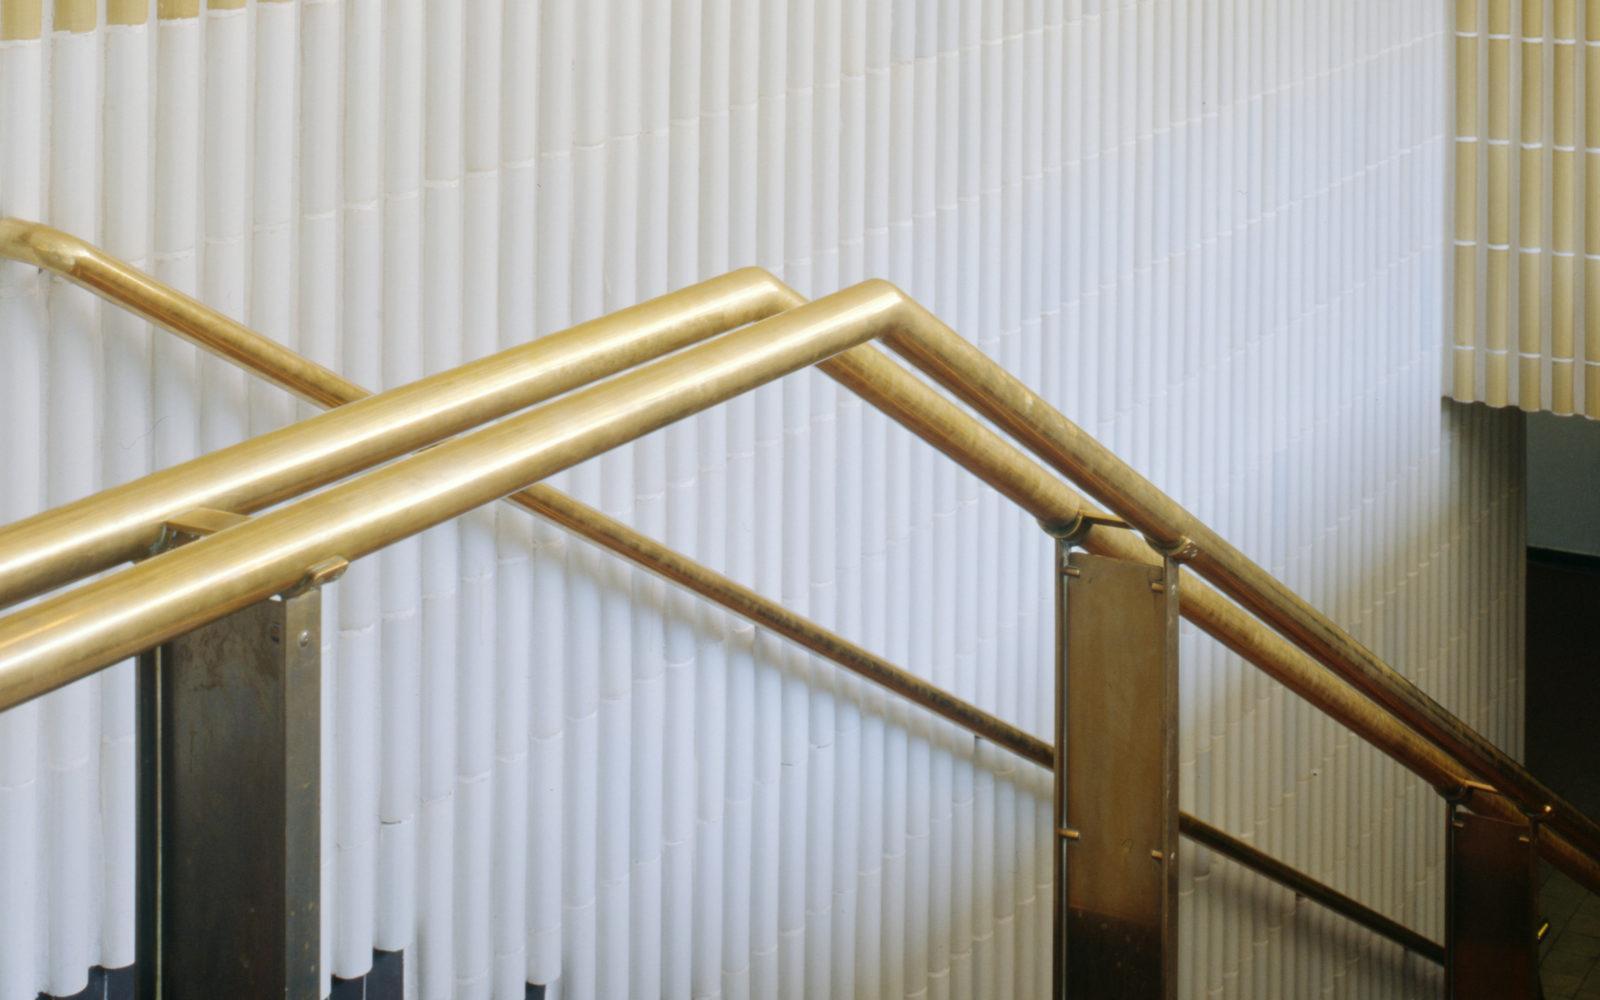 Kansaneläkelaitoksen portaikon sauvatiilet, Helsinki